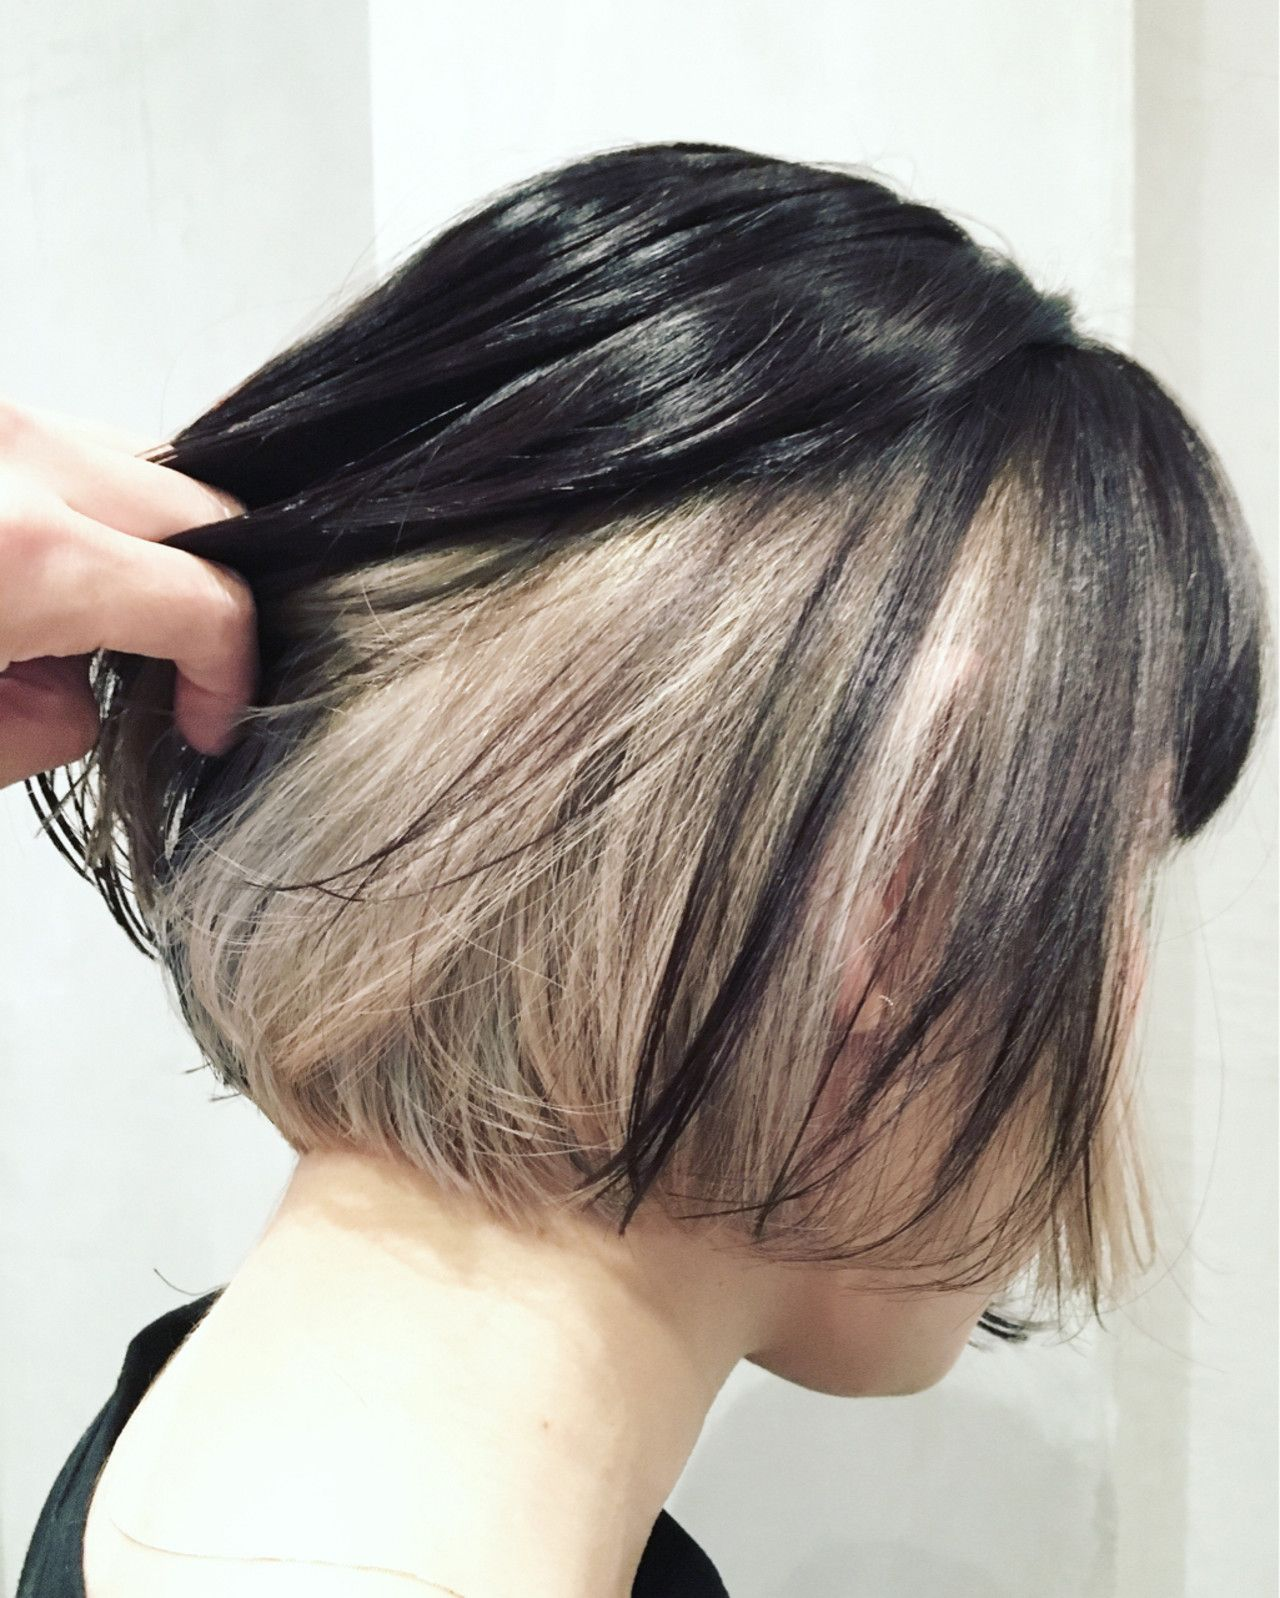 インナーカラー 黒髪で遊び心あるオシャレなトレンドヘアに